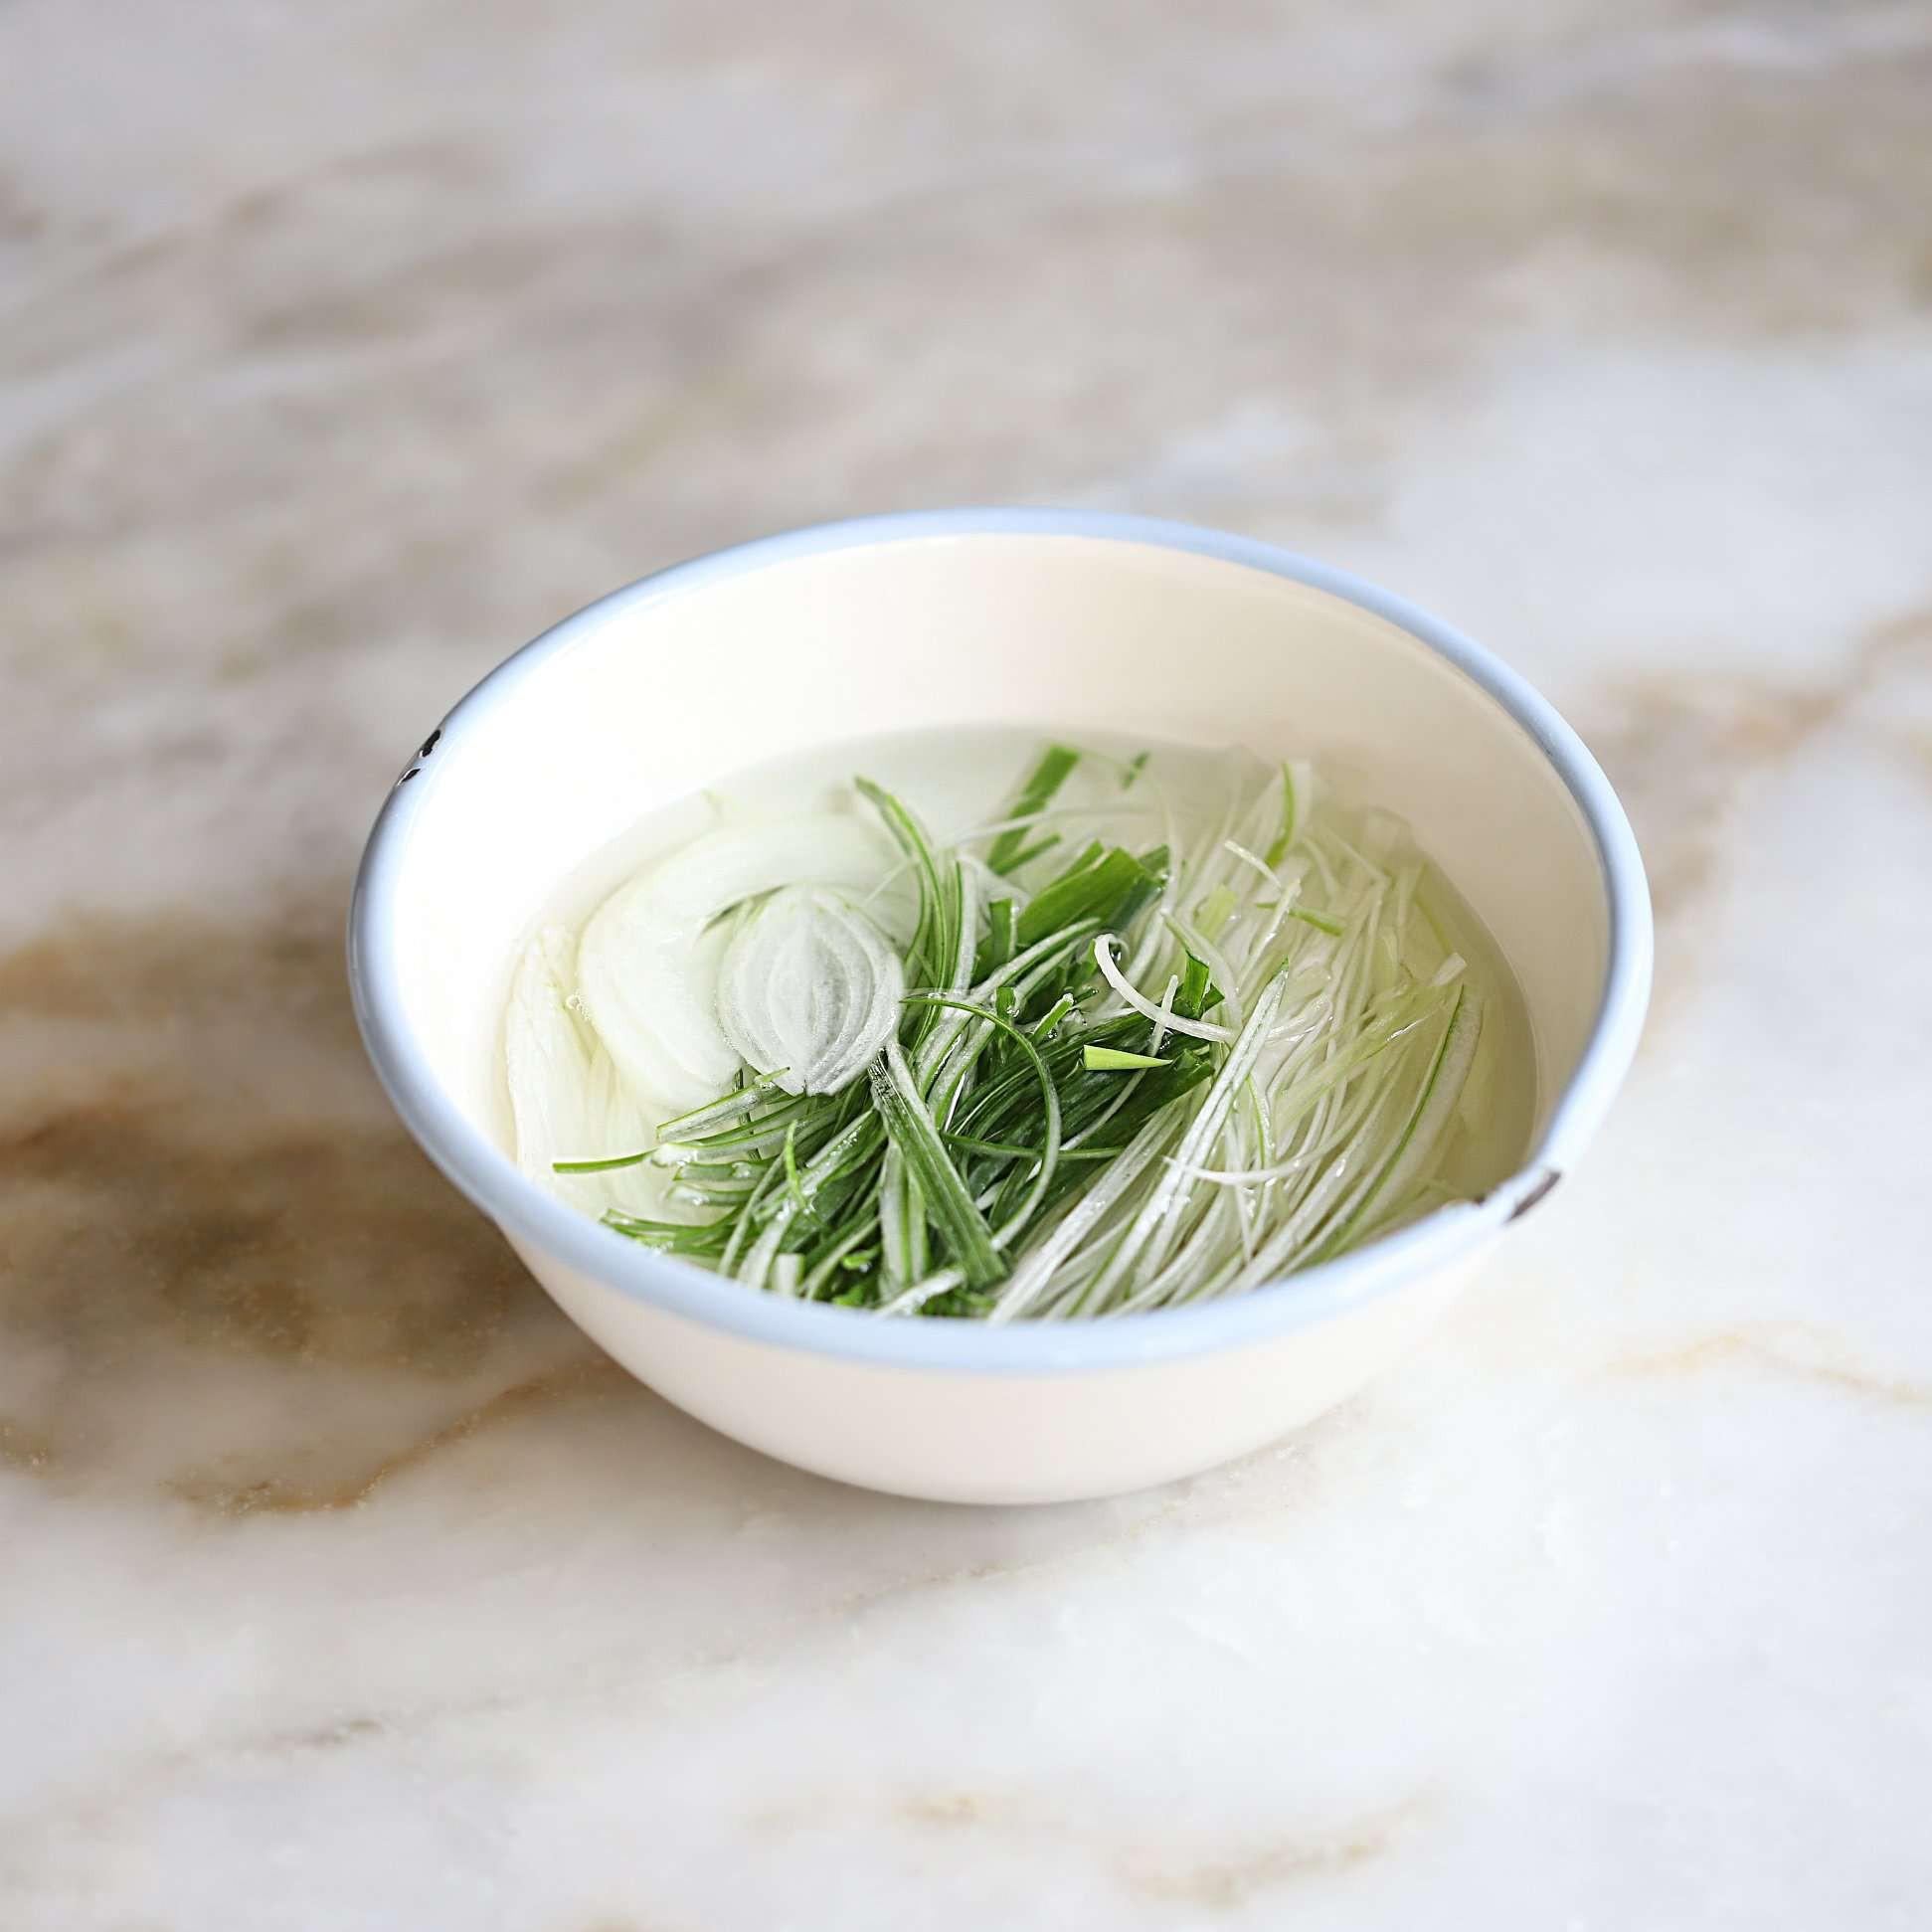 Học người Hàn cách làm món thịt áp chảo ngon ngất ngây ăn mùa lạnh hợp vô cùng - Ảnh 3